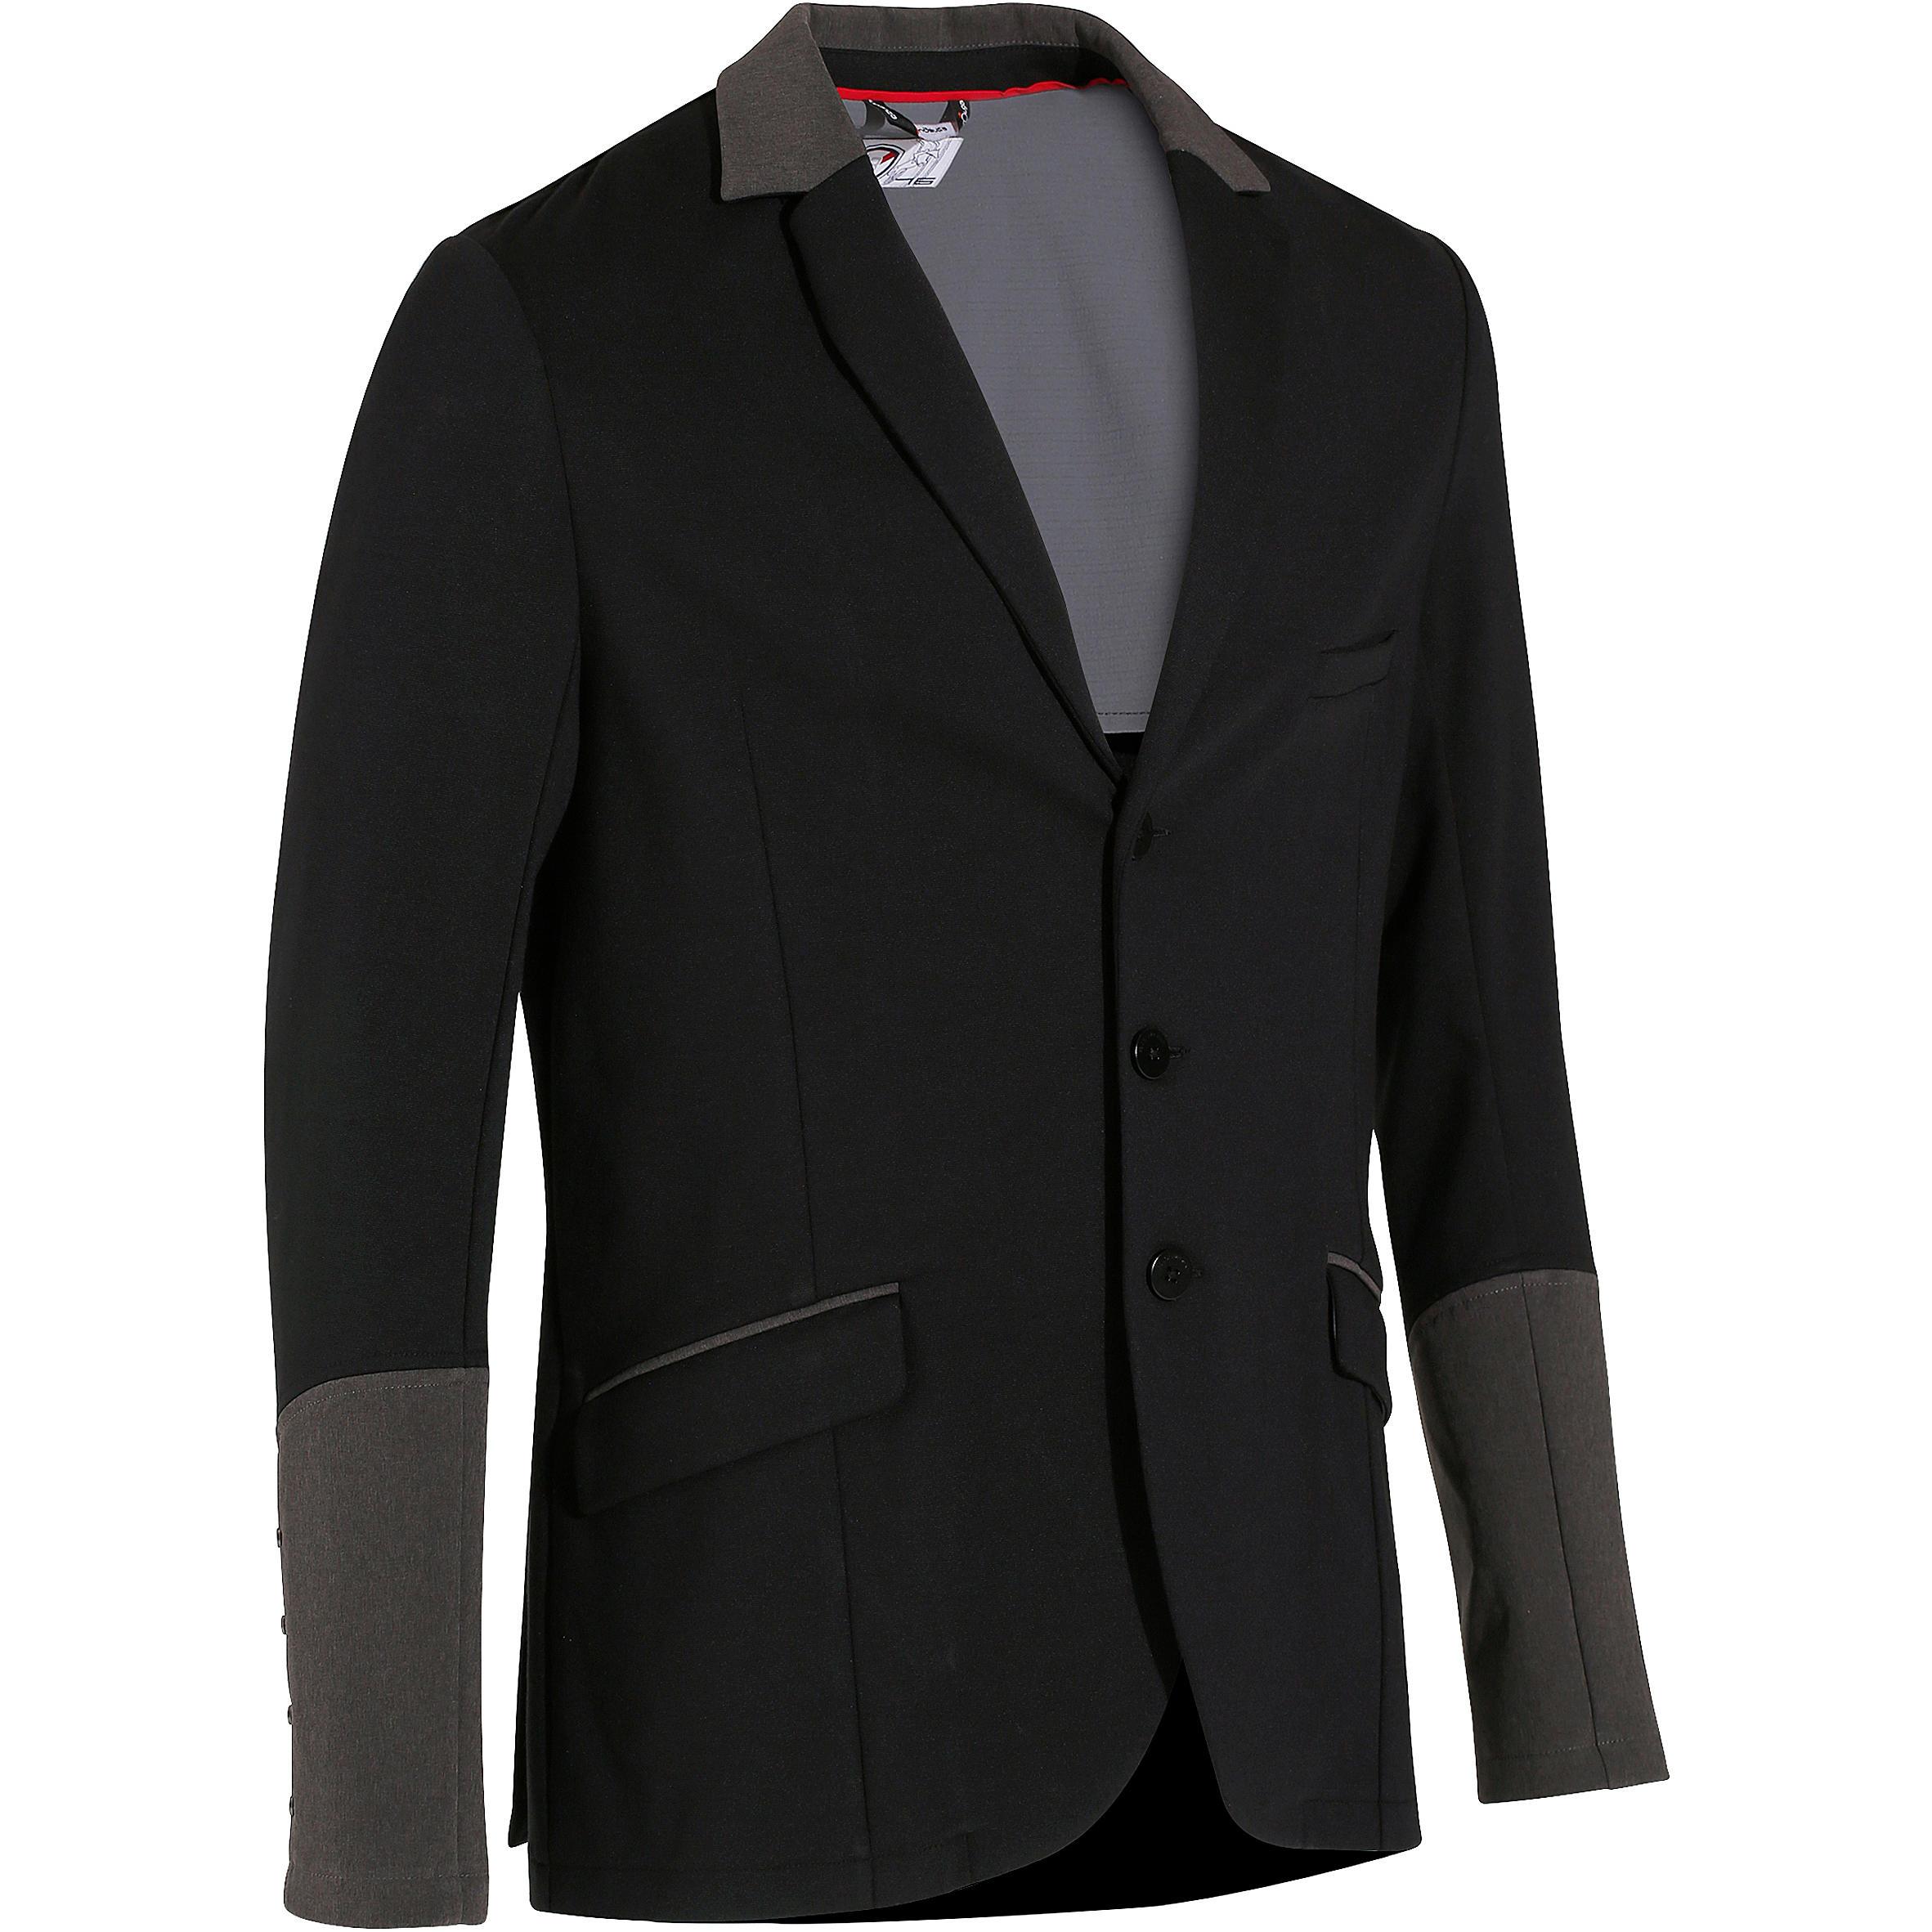 Fouganza Wedstrijdjasje Comp100 voor heren ruitersport zwart met grijze mouwen